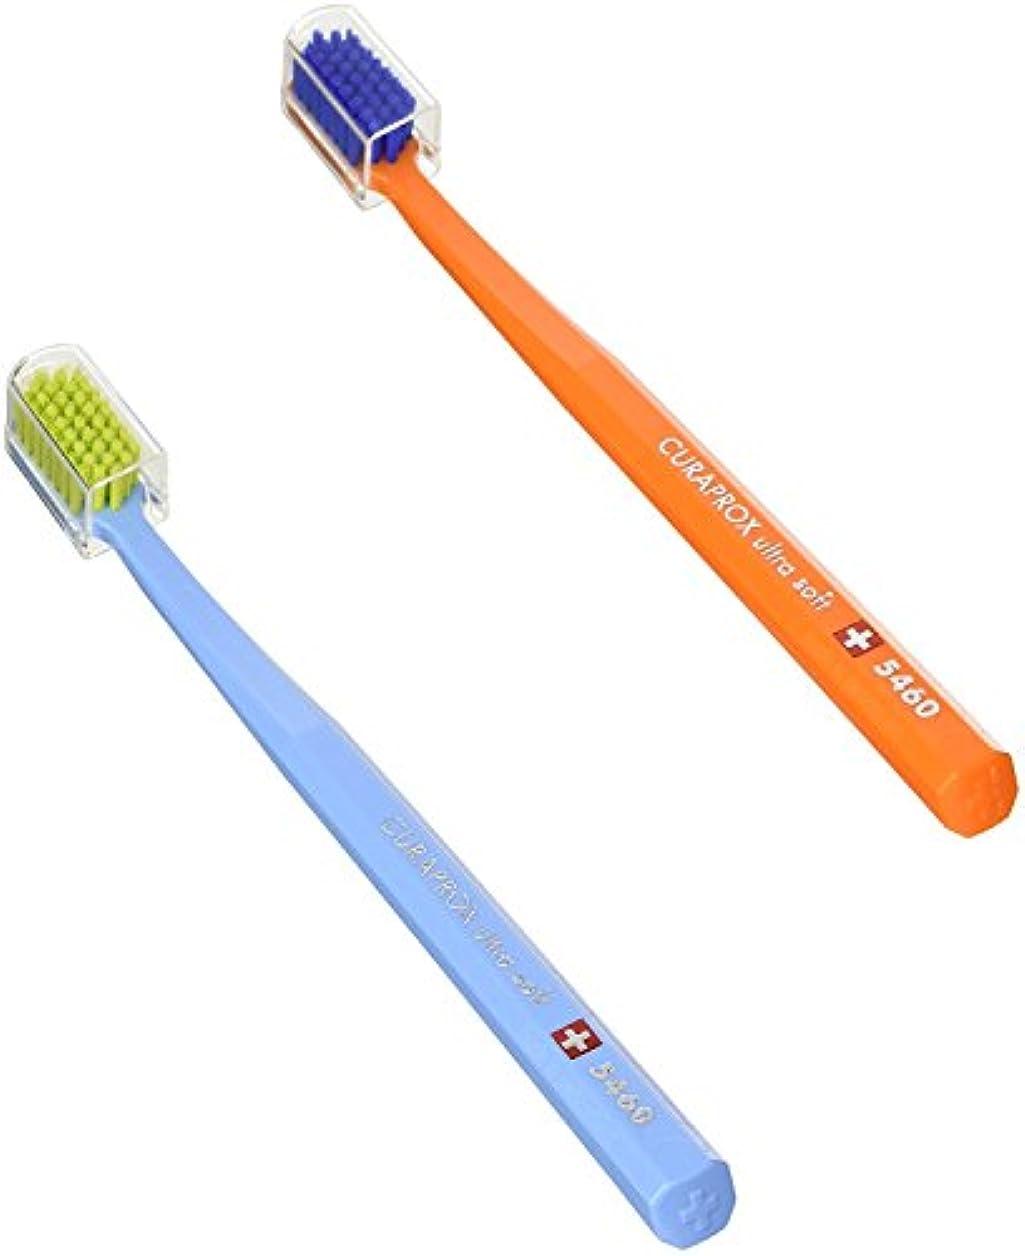 ラフ貯水池アイスクリームキュラプロックス 5460ウルトラソフト歯ブラシ 2本